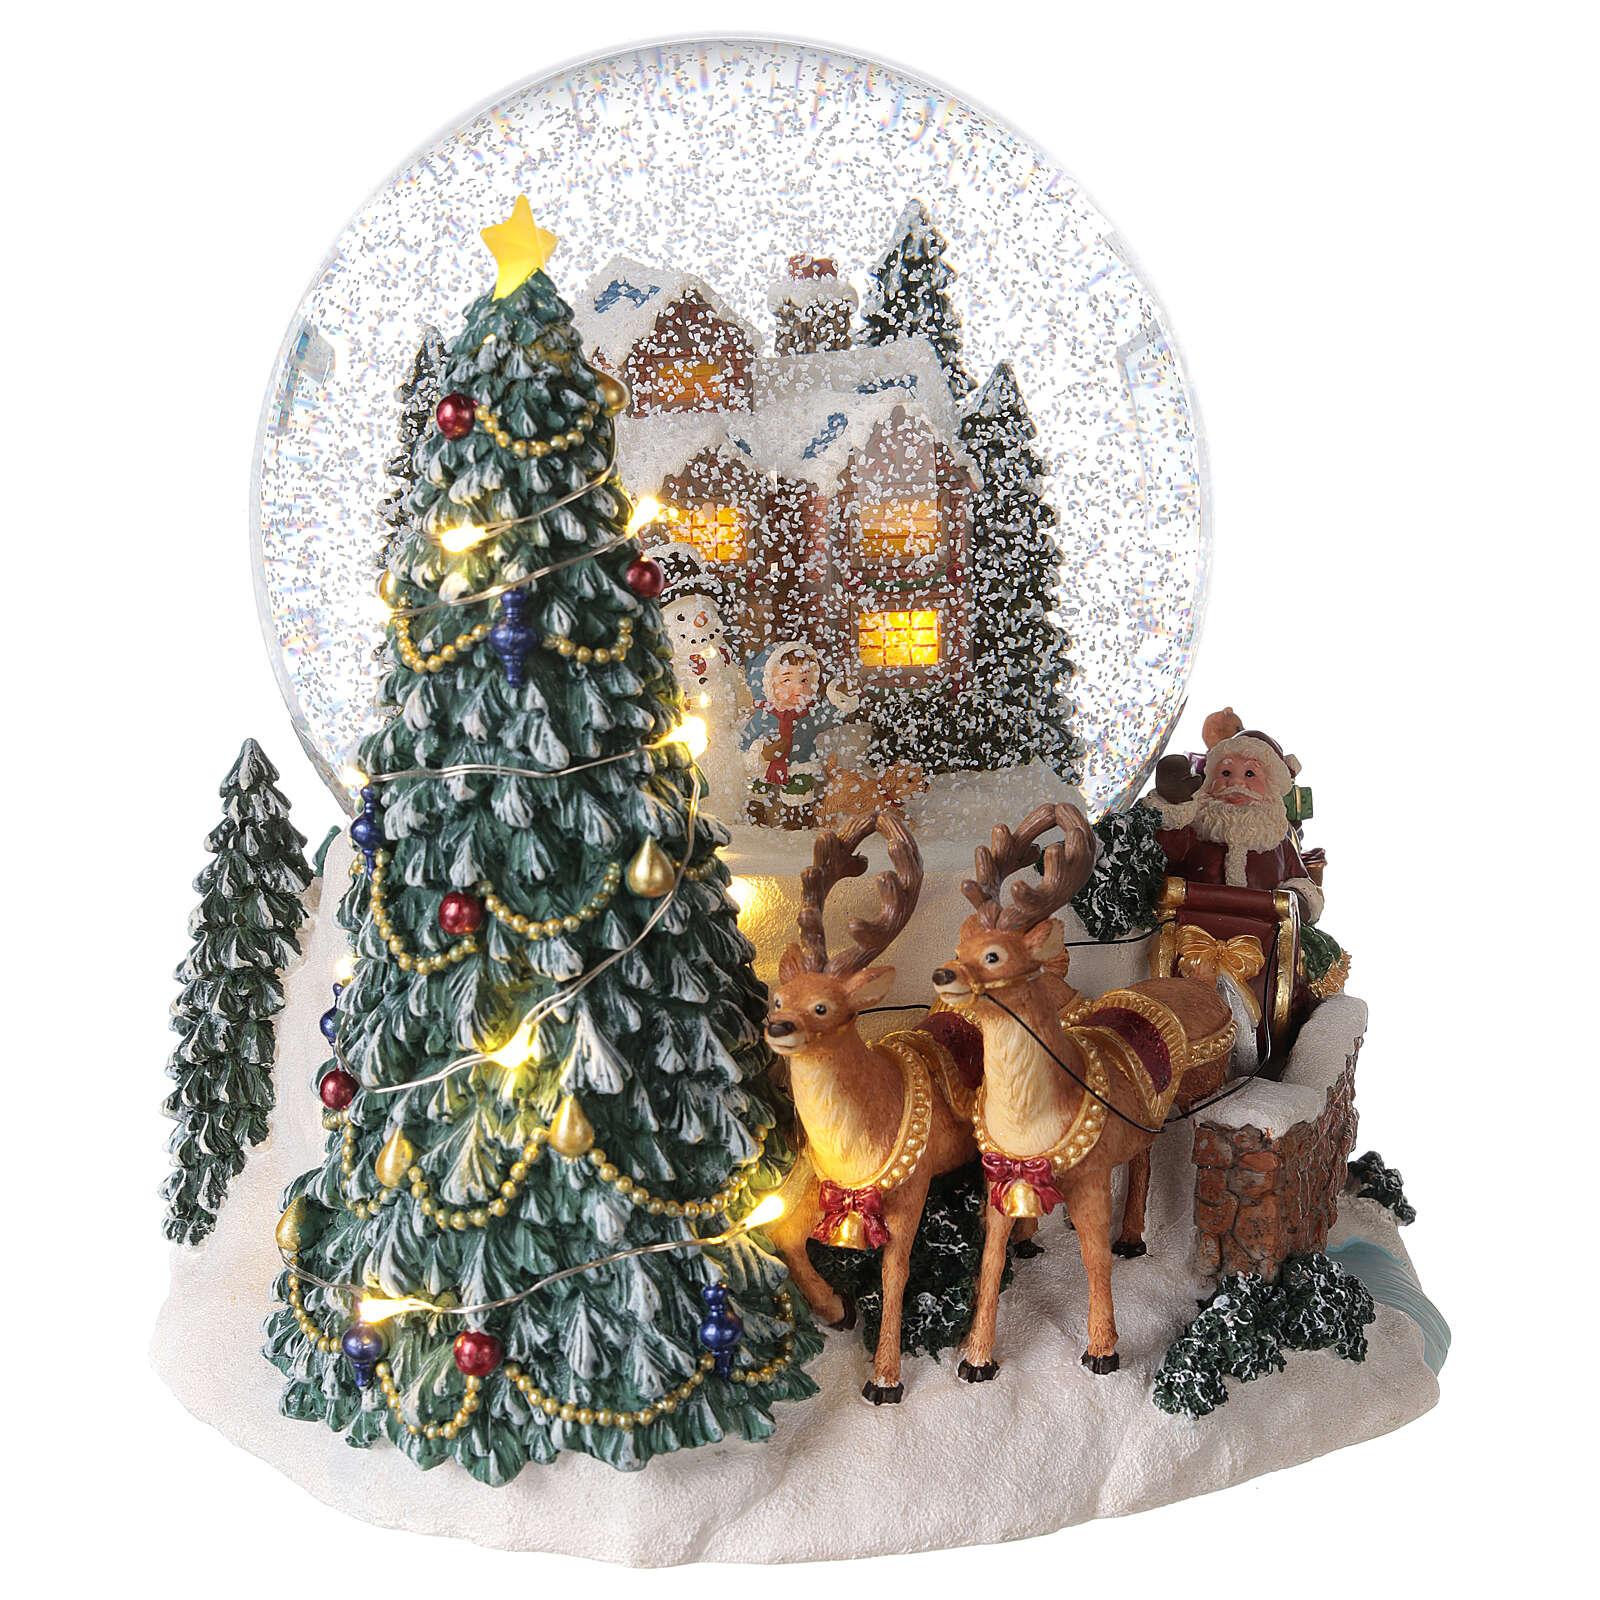 Boule à neige traîneau Père Noël boîte musicale lumière 20x20x20 cm 3